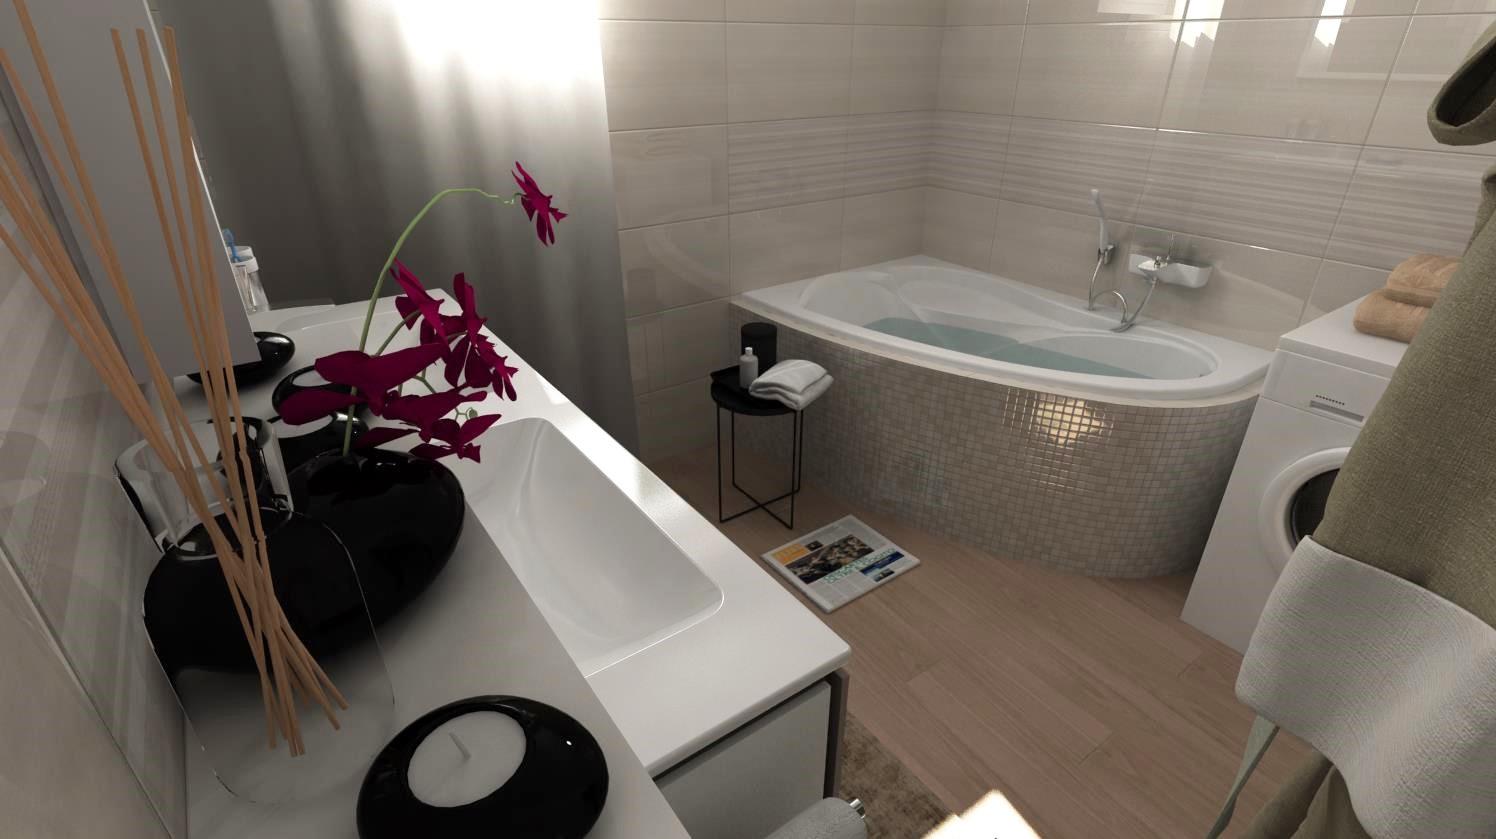 Vizualizácie kúpeľní - Vizualizácia kúpeľne z najobľúbenejšej tohtoročnej kolekcie obkladov Linear.